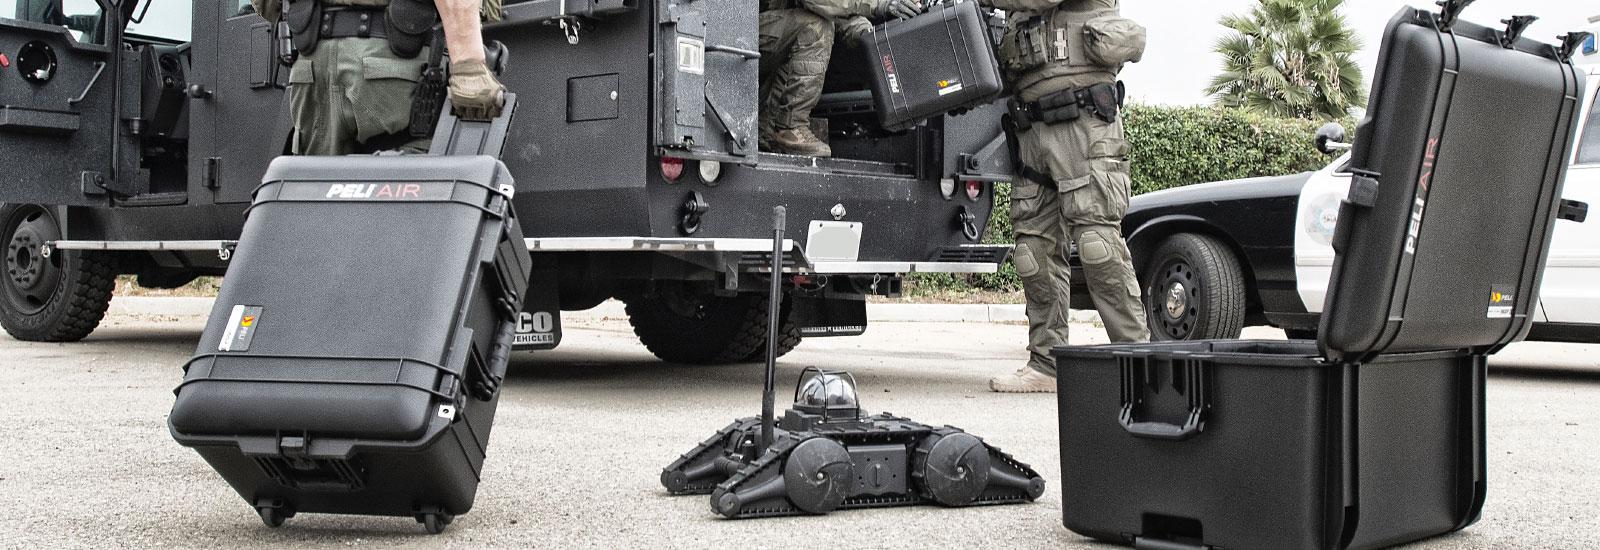 Peli Military Cases